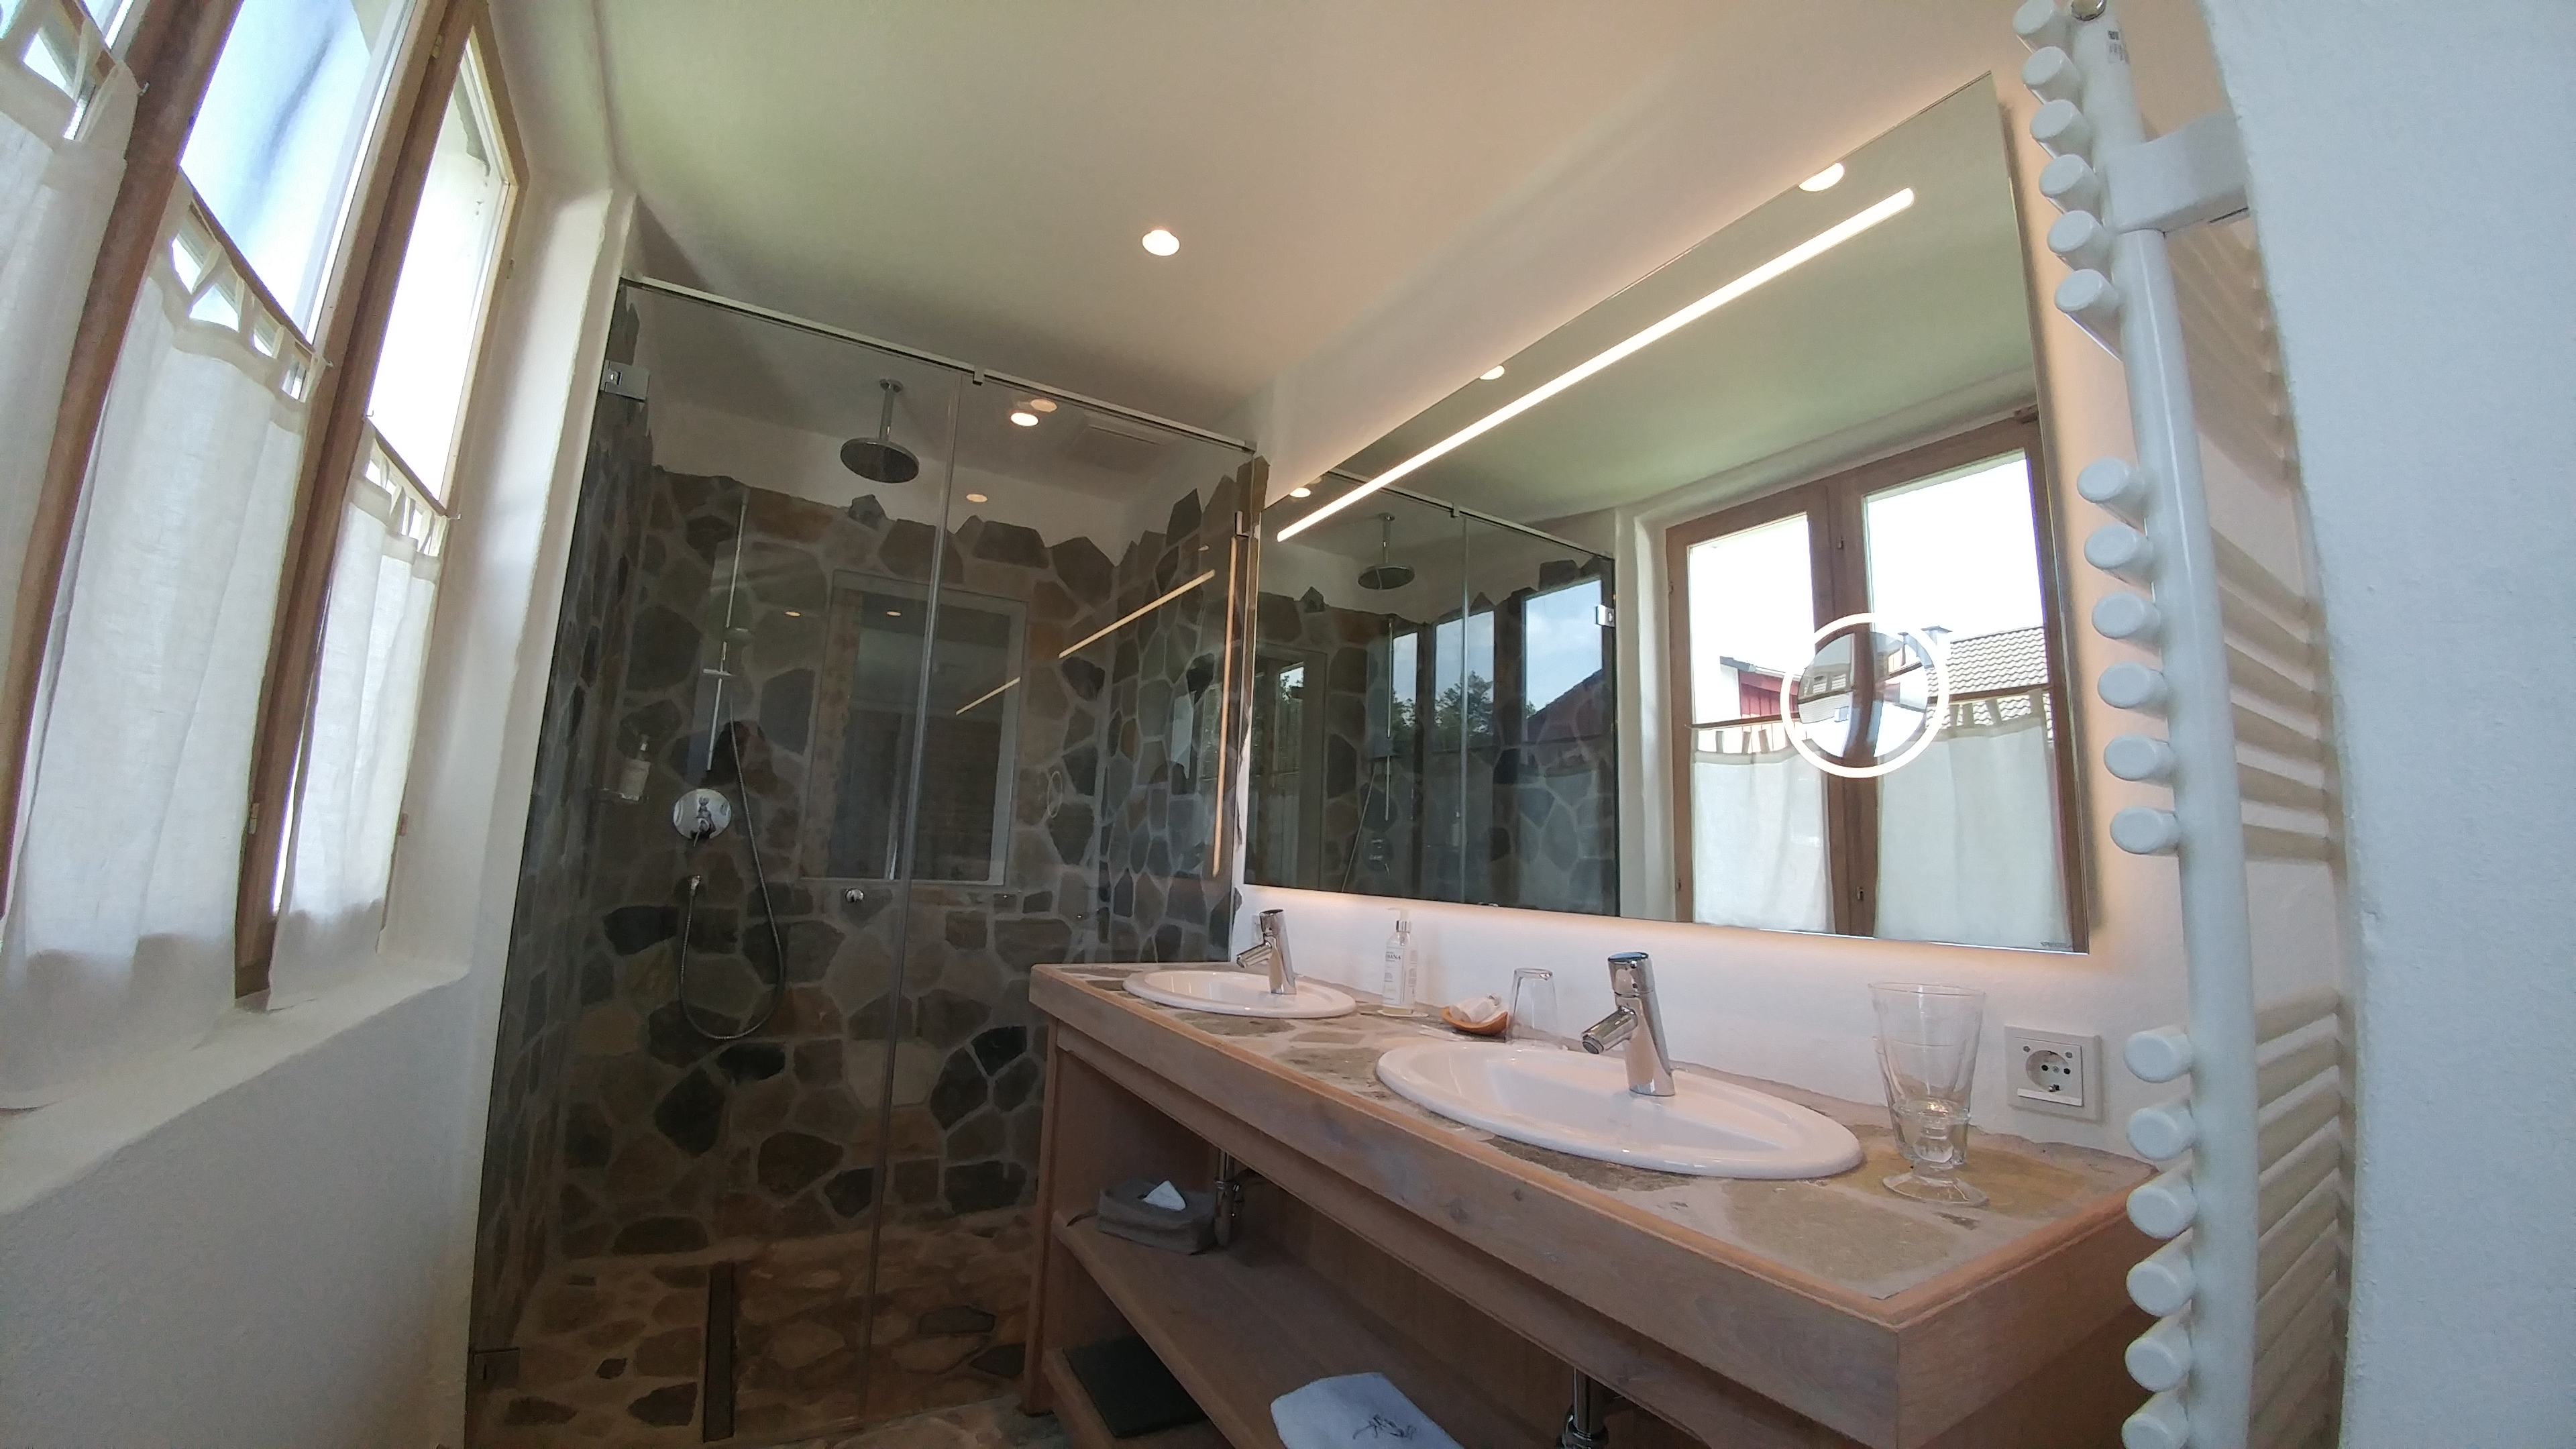 Badspiegelkonfigurator